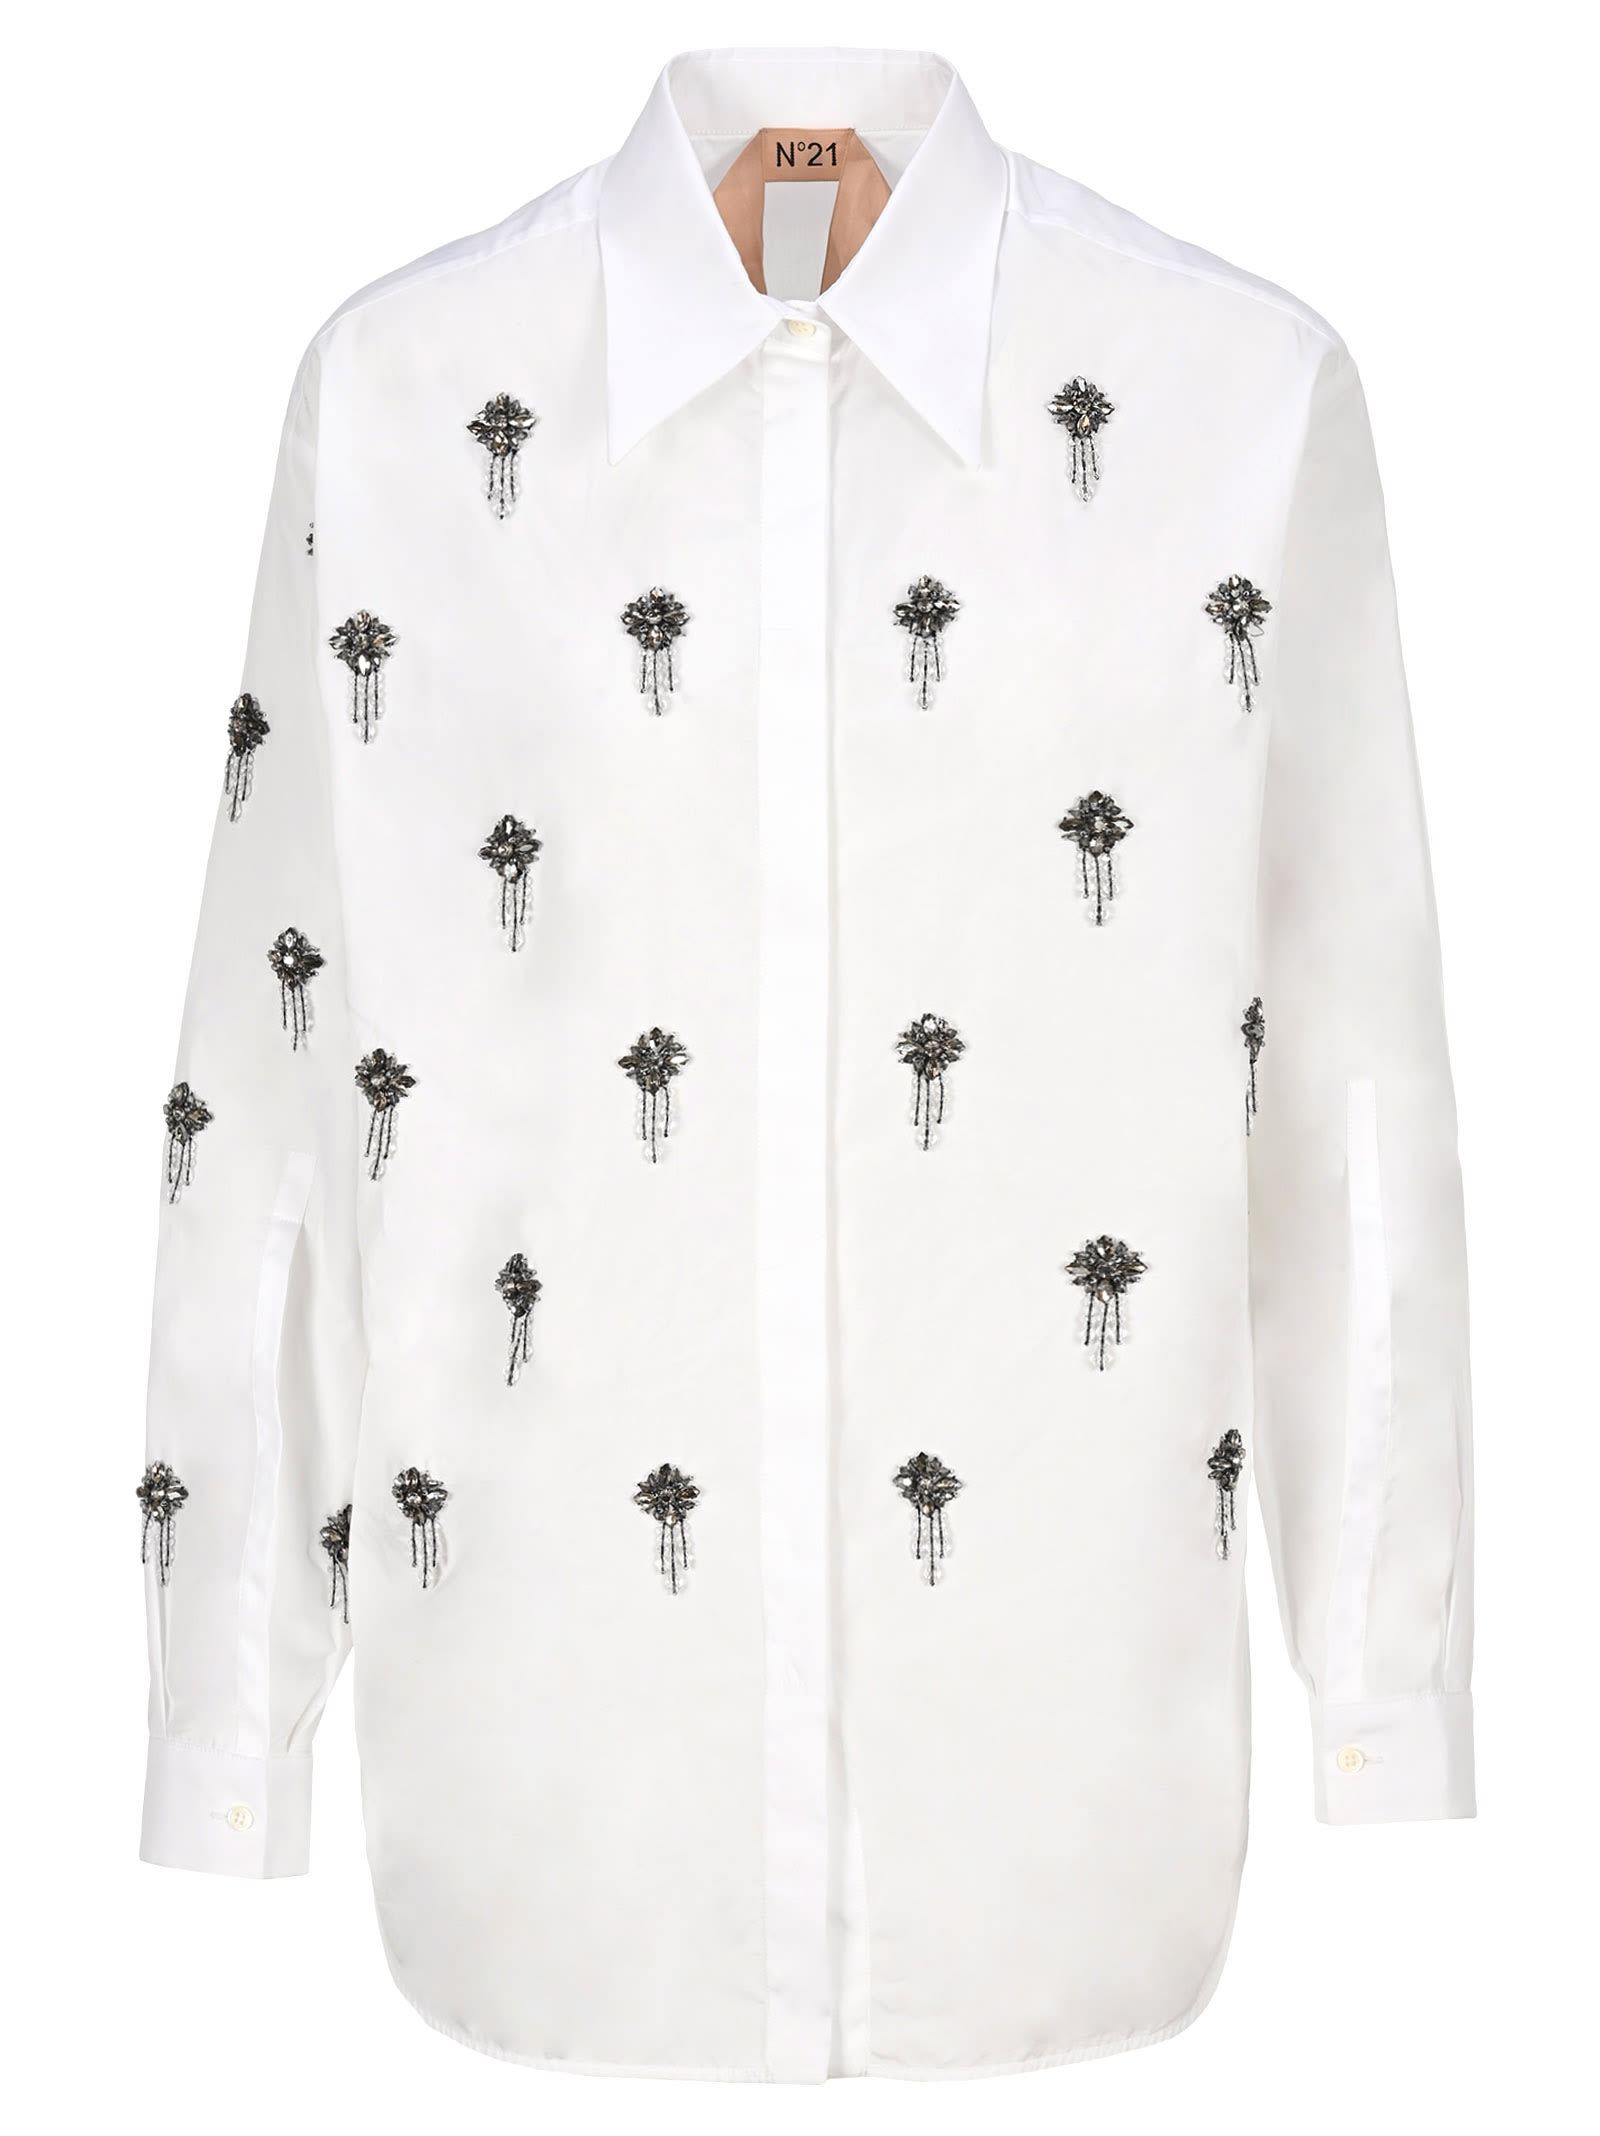 N21 Crystal-embellished Shirt